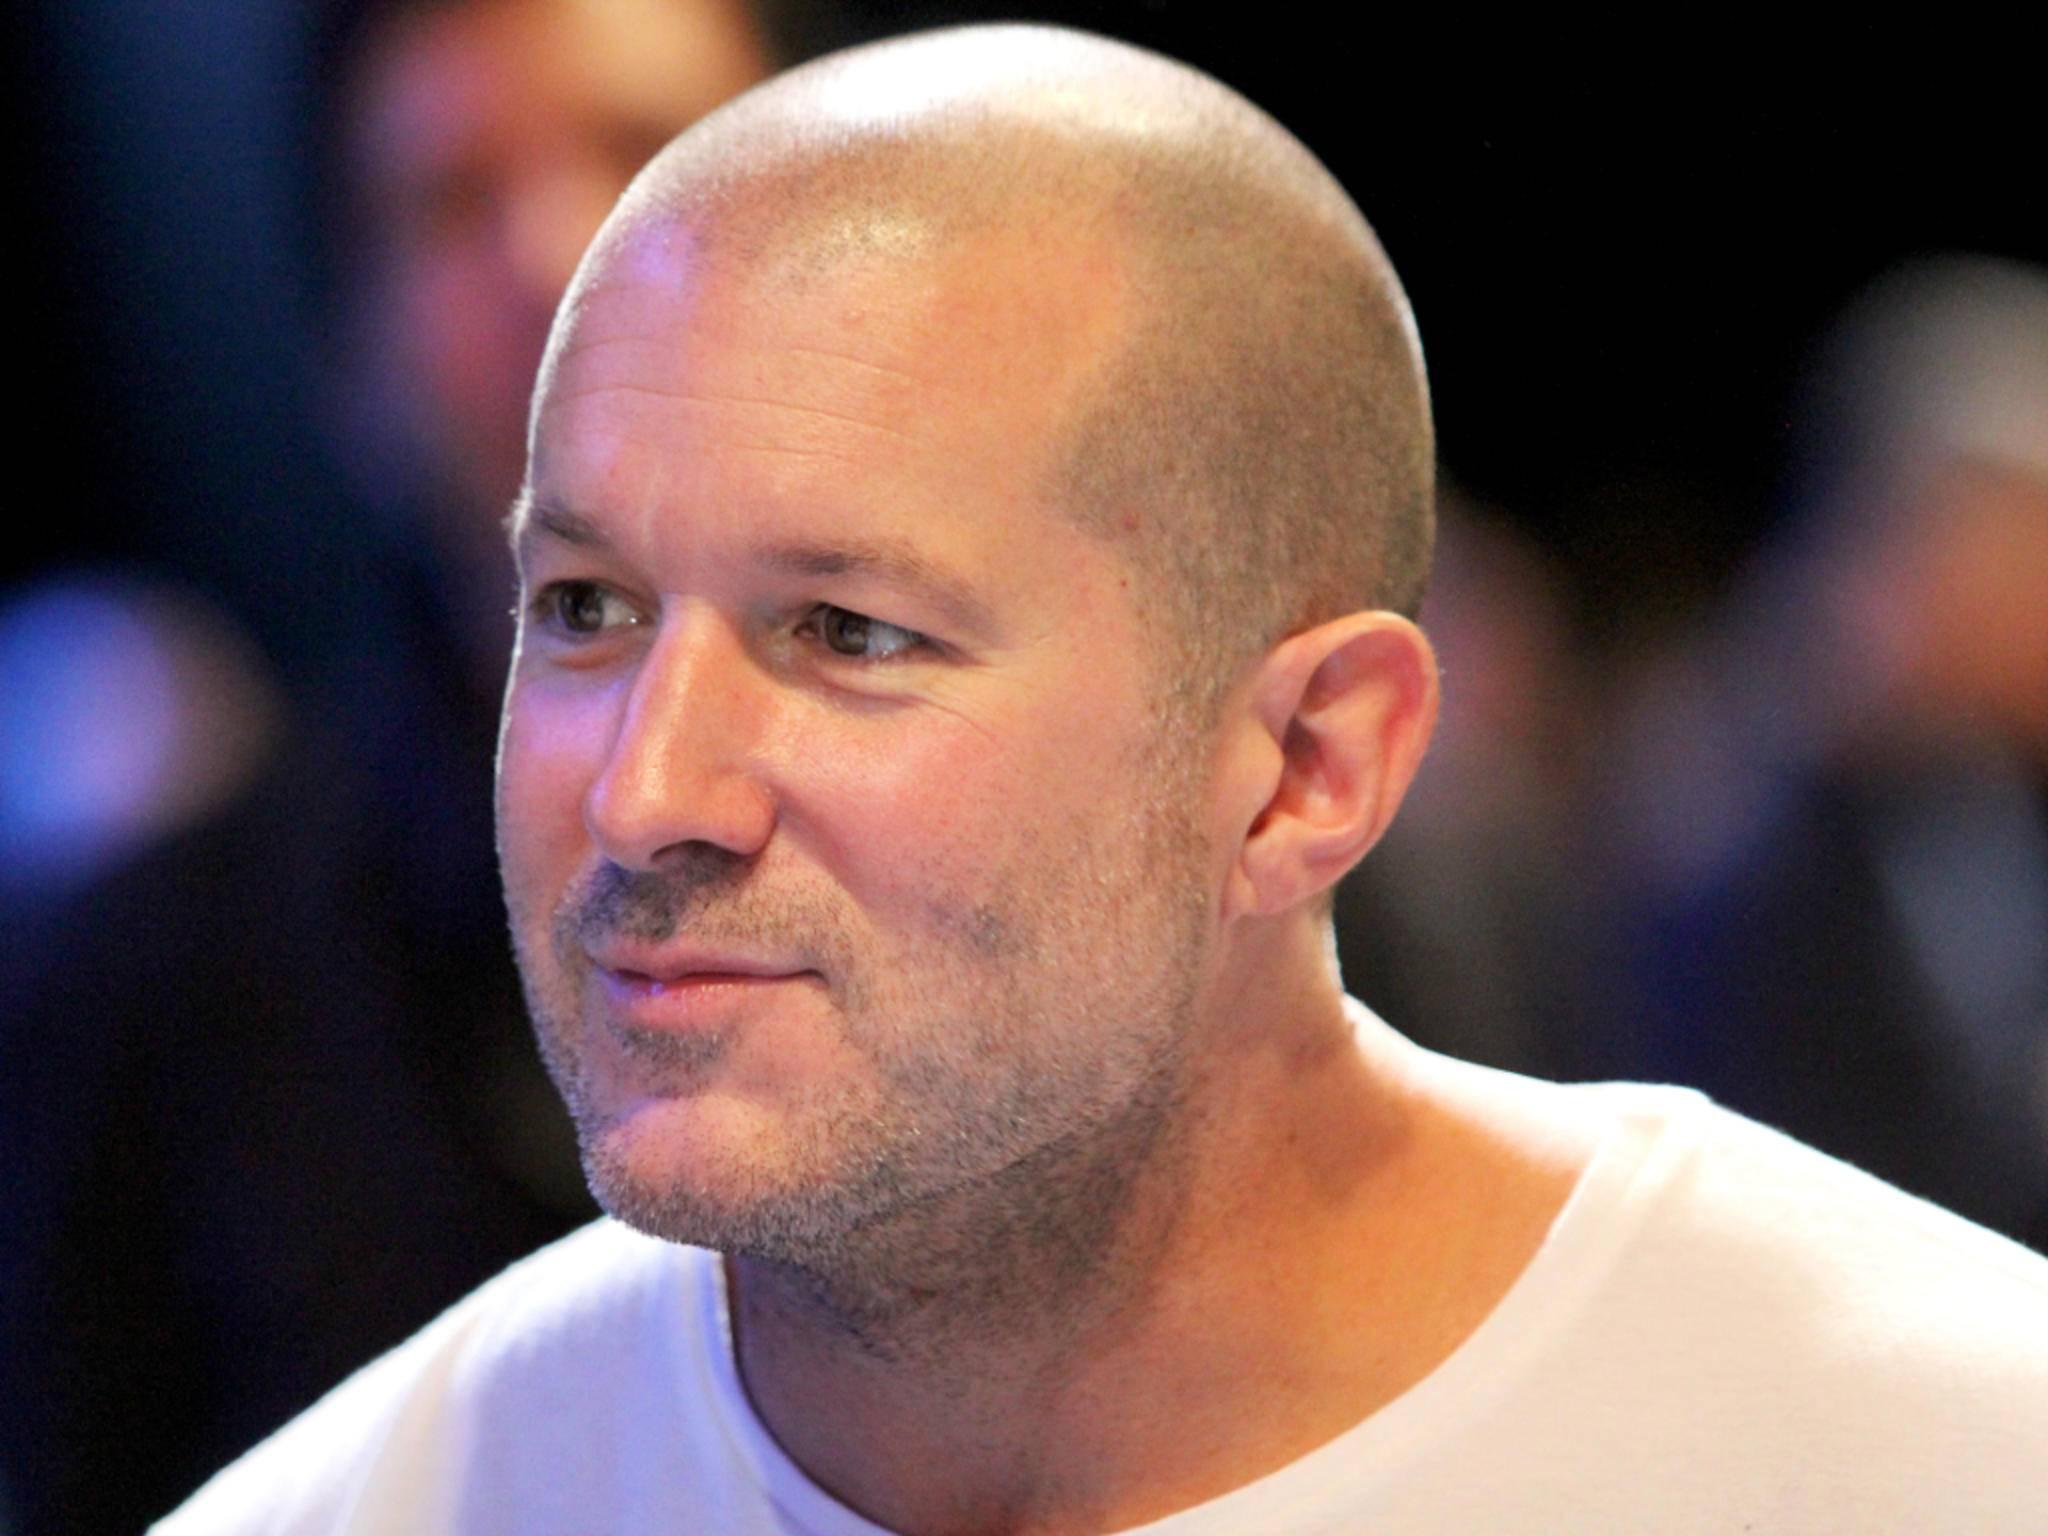 Jony Ive ist der neue Chefdesigner von Apple.